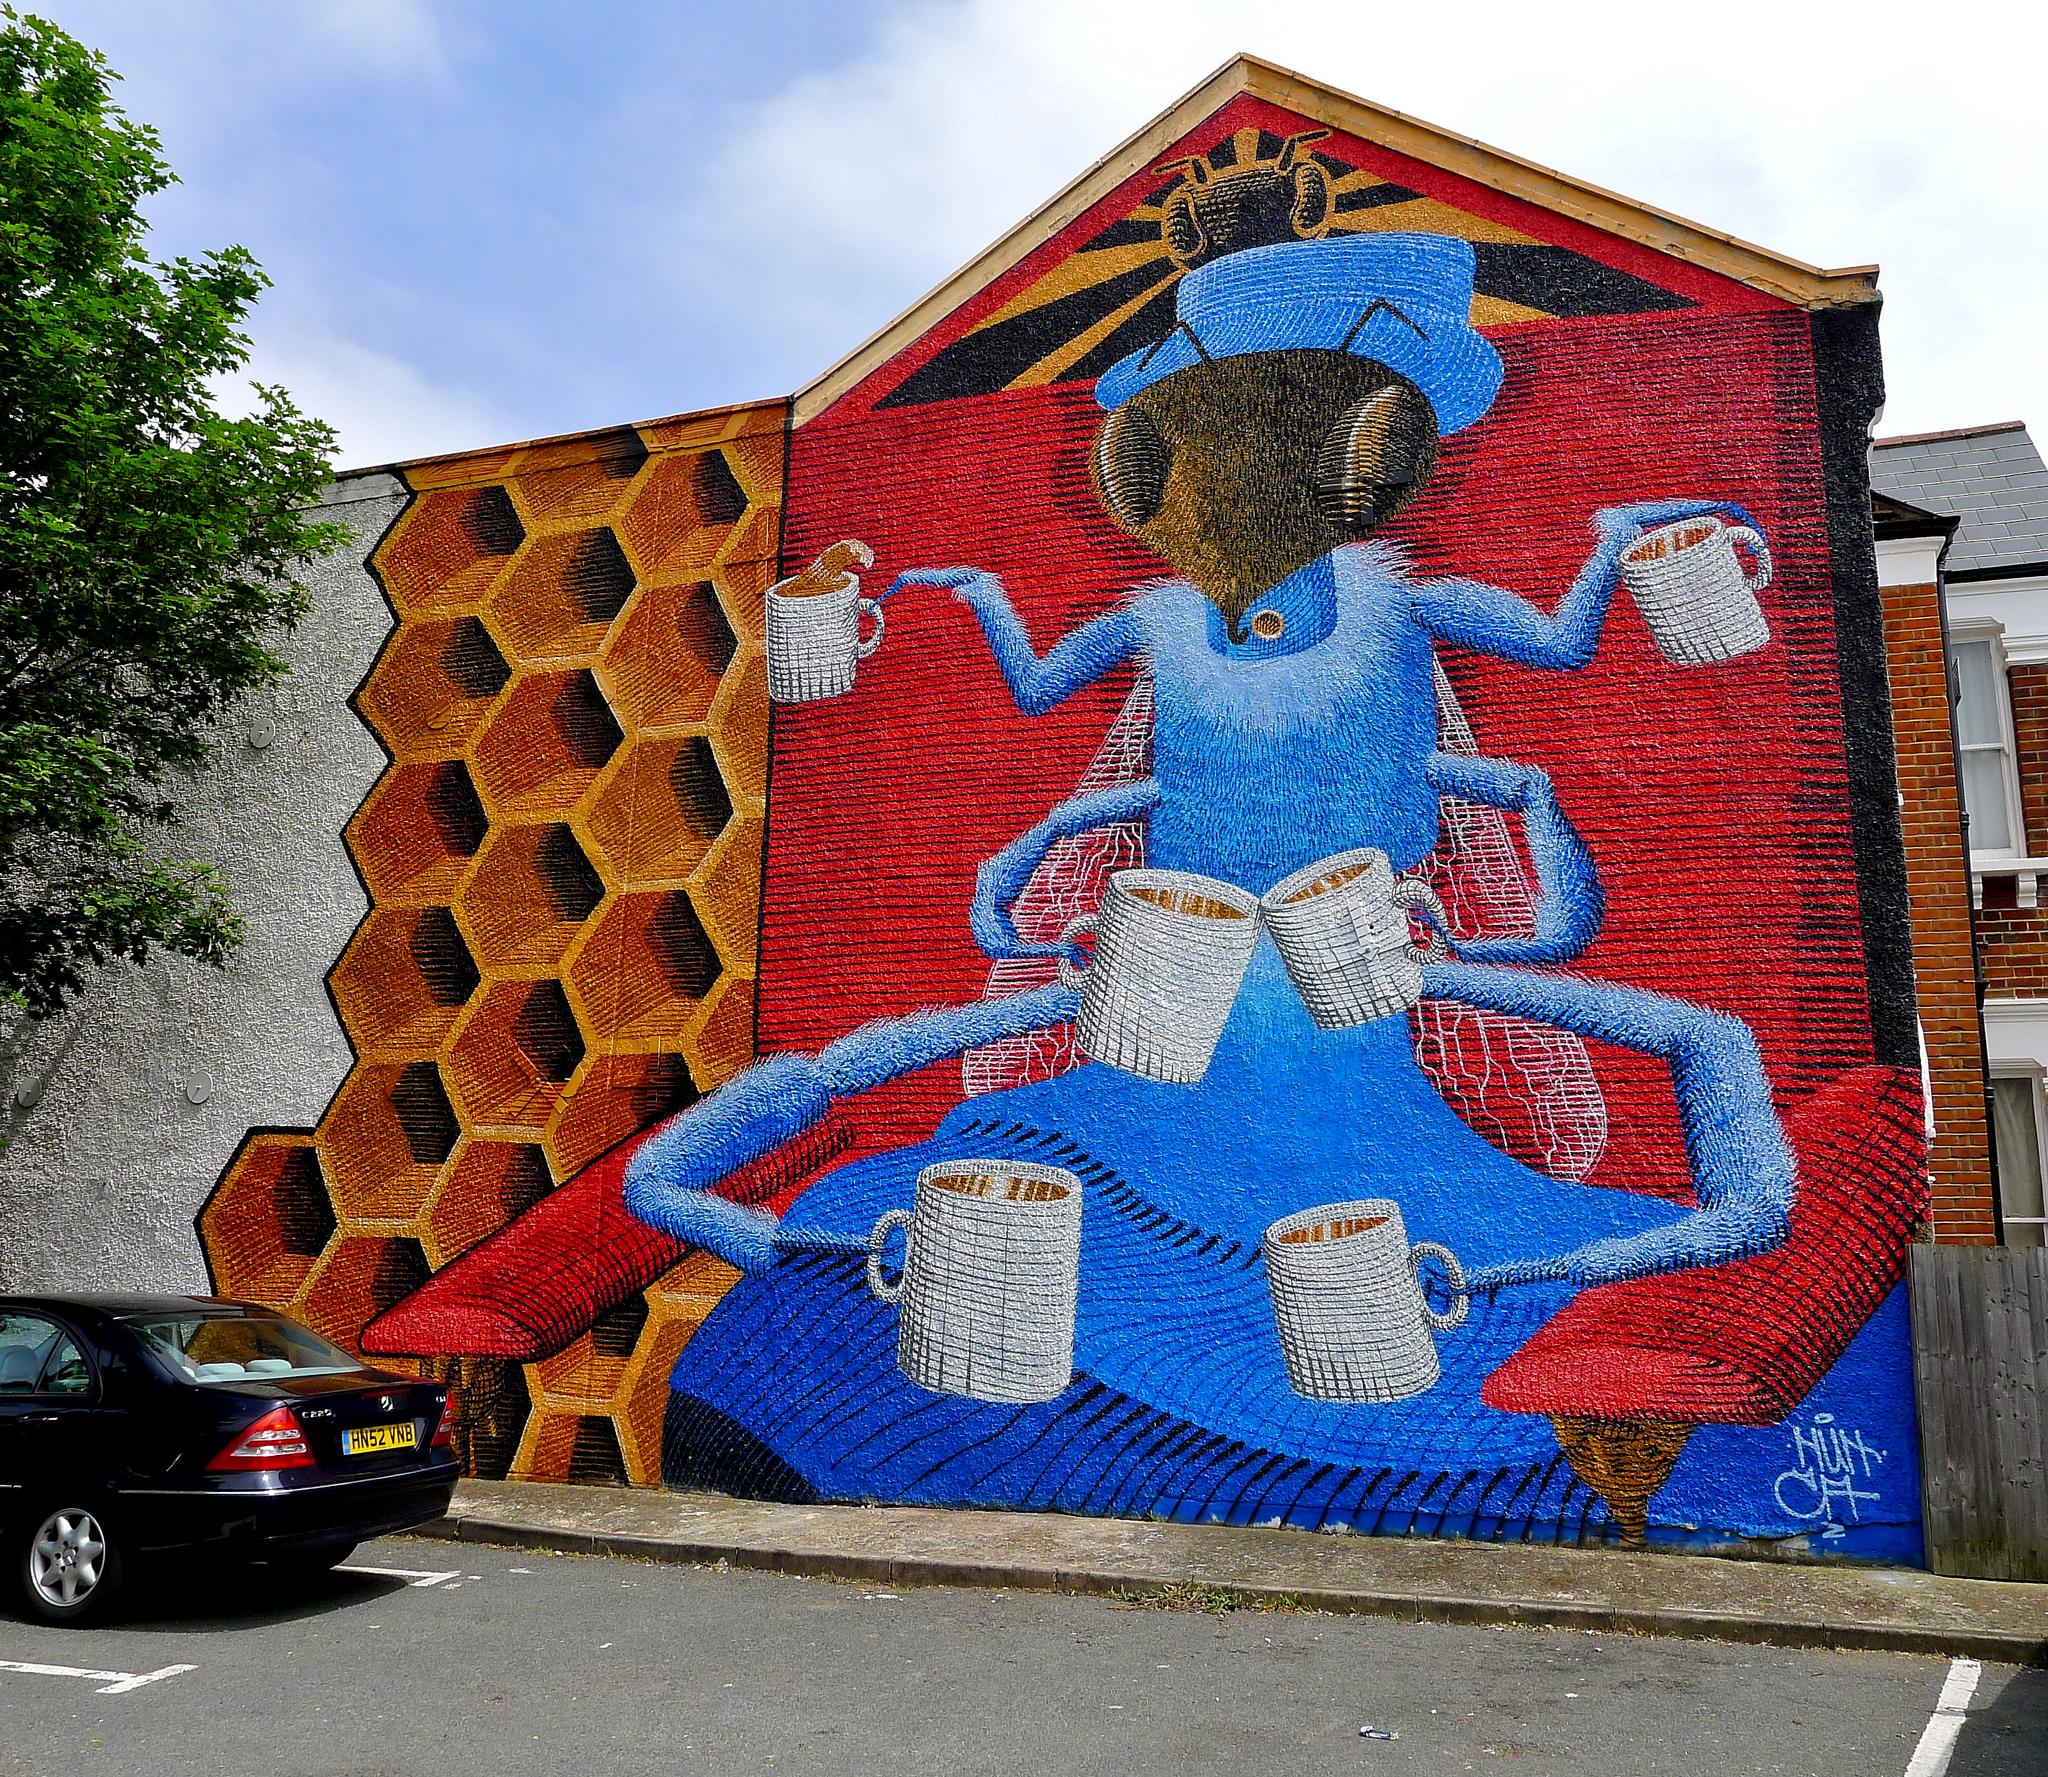 Khám phá nghệ thuật đường phố độc đáo tại Đức 9448746686 856140093f k